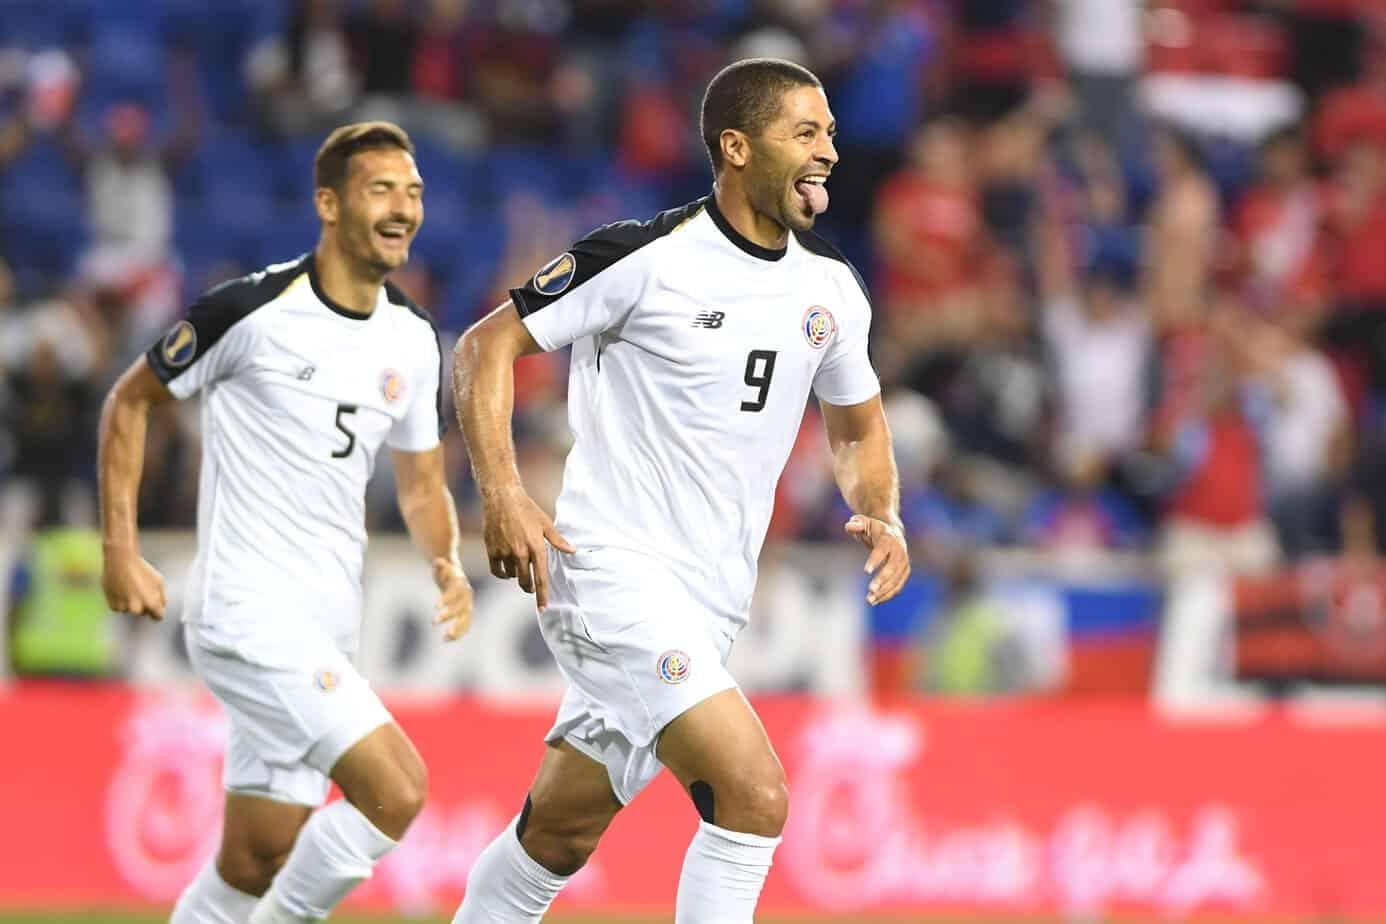 Alvaro Saborio celebrates a goal